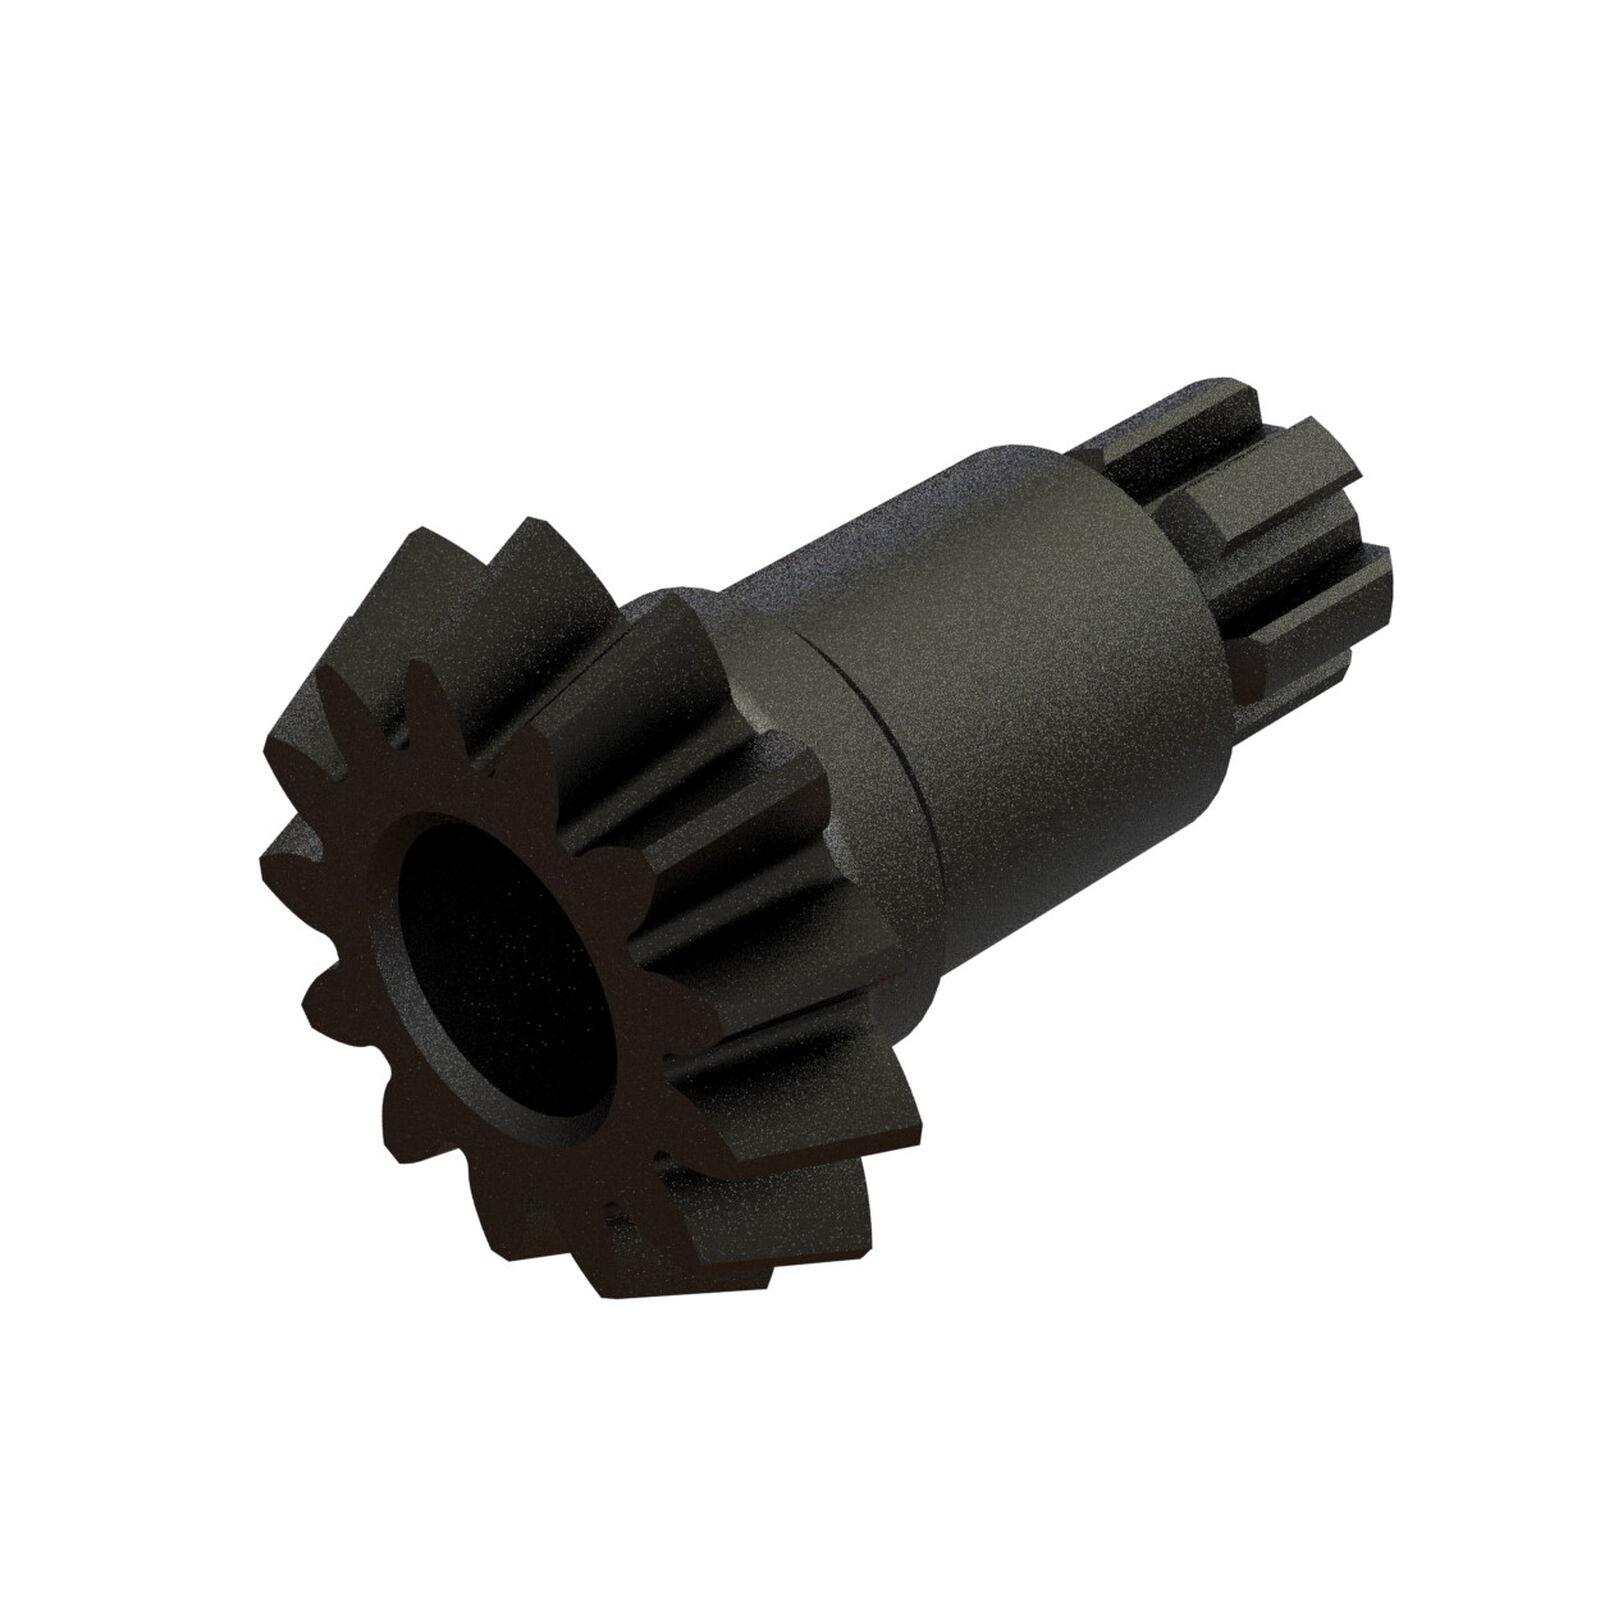 CNC Metal Input Gear 13T: BLX 3S